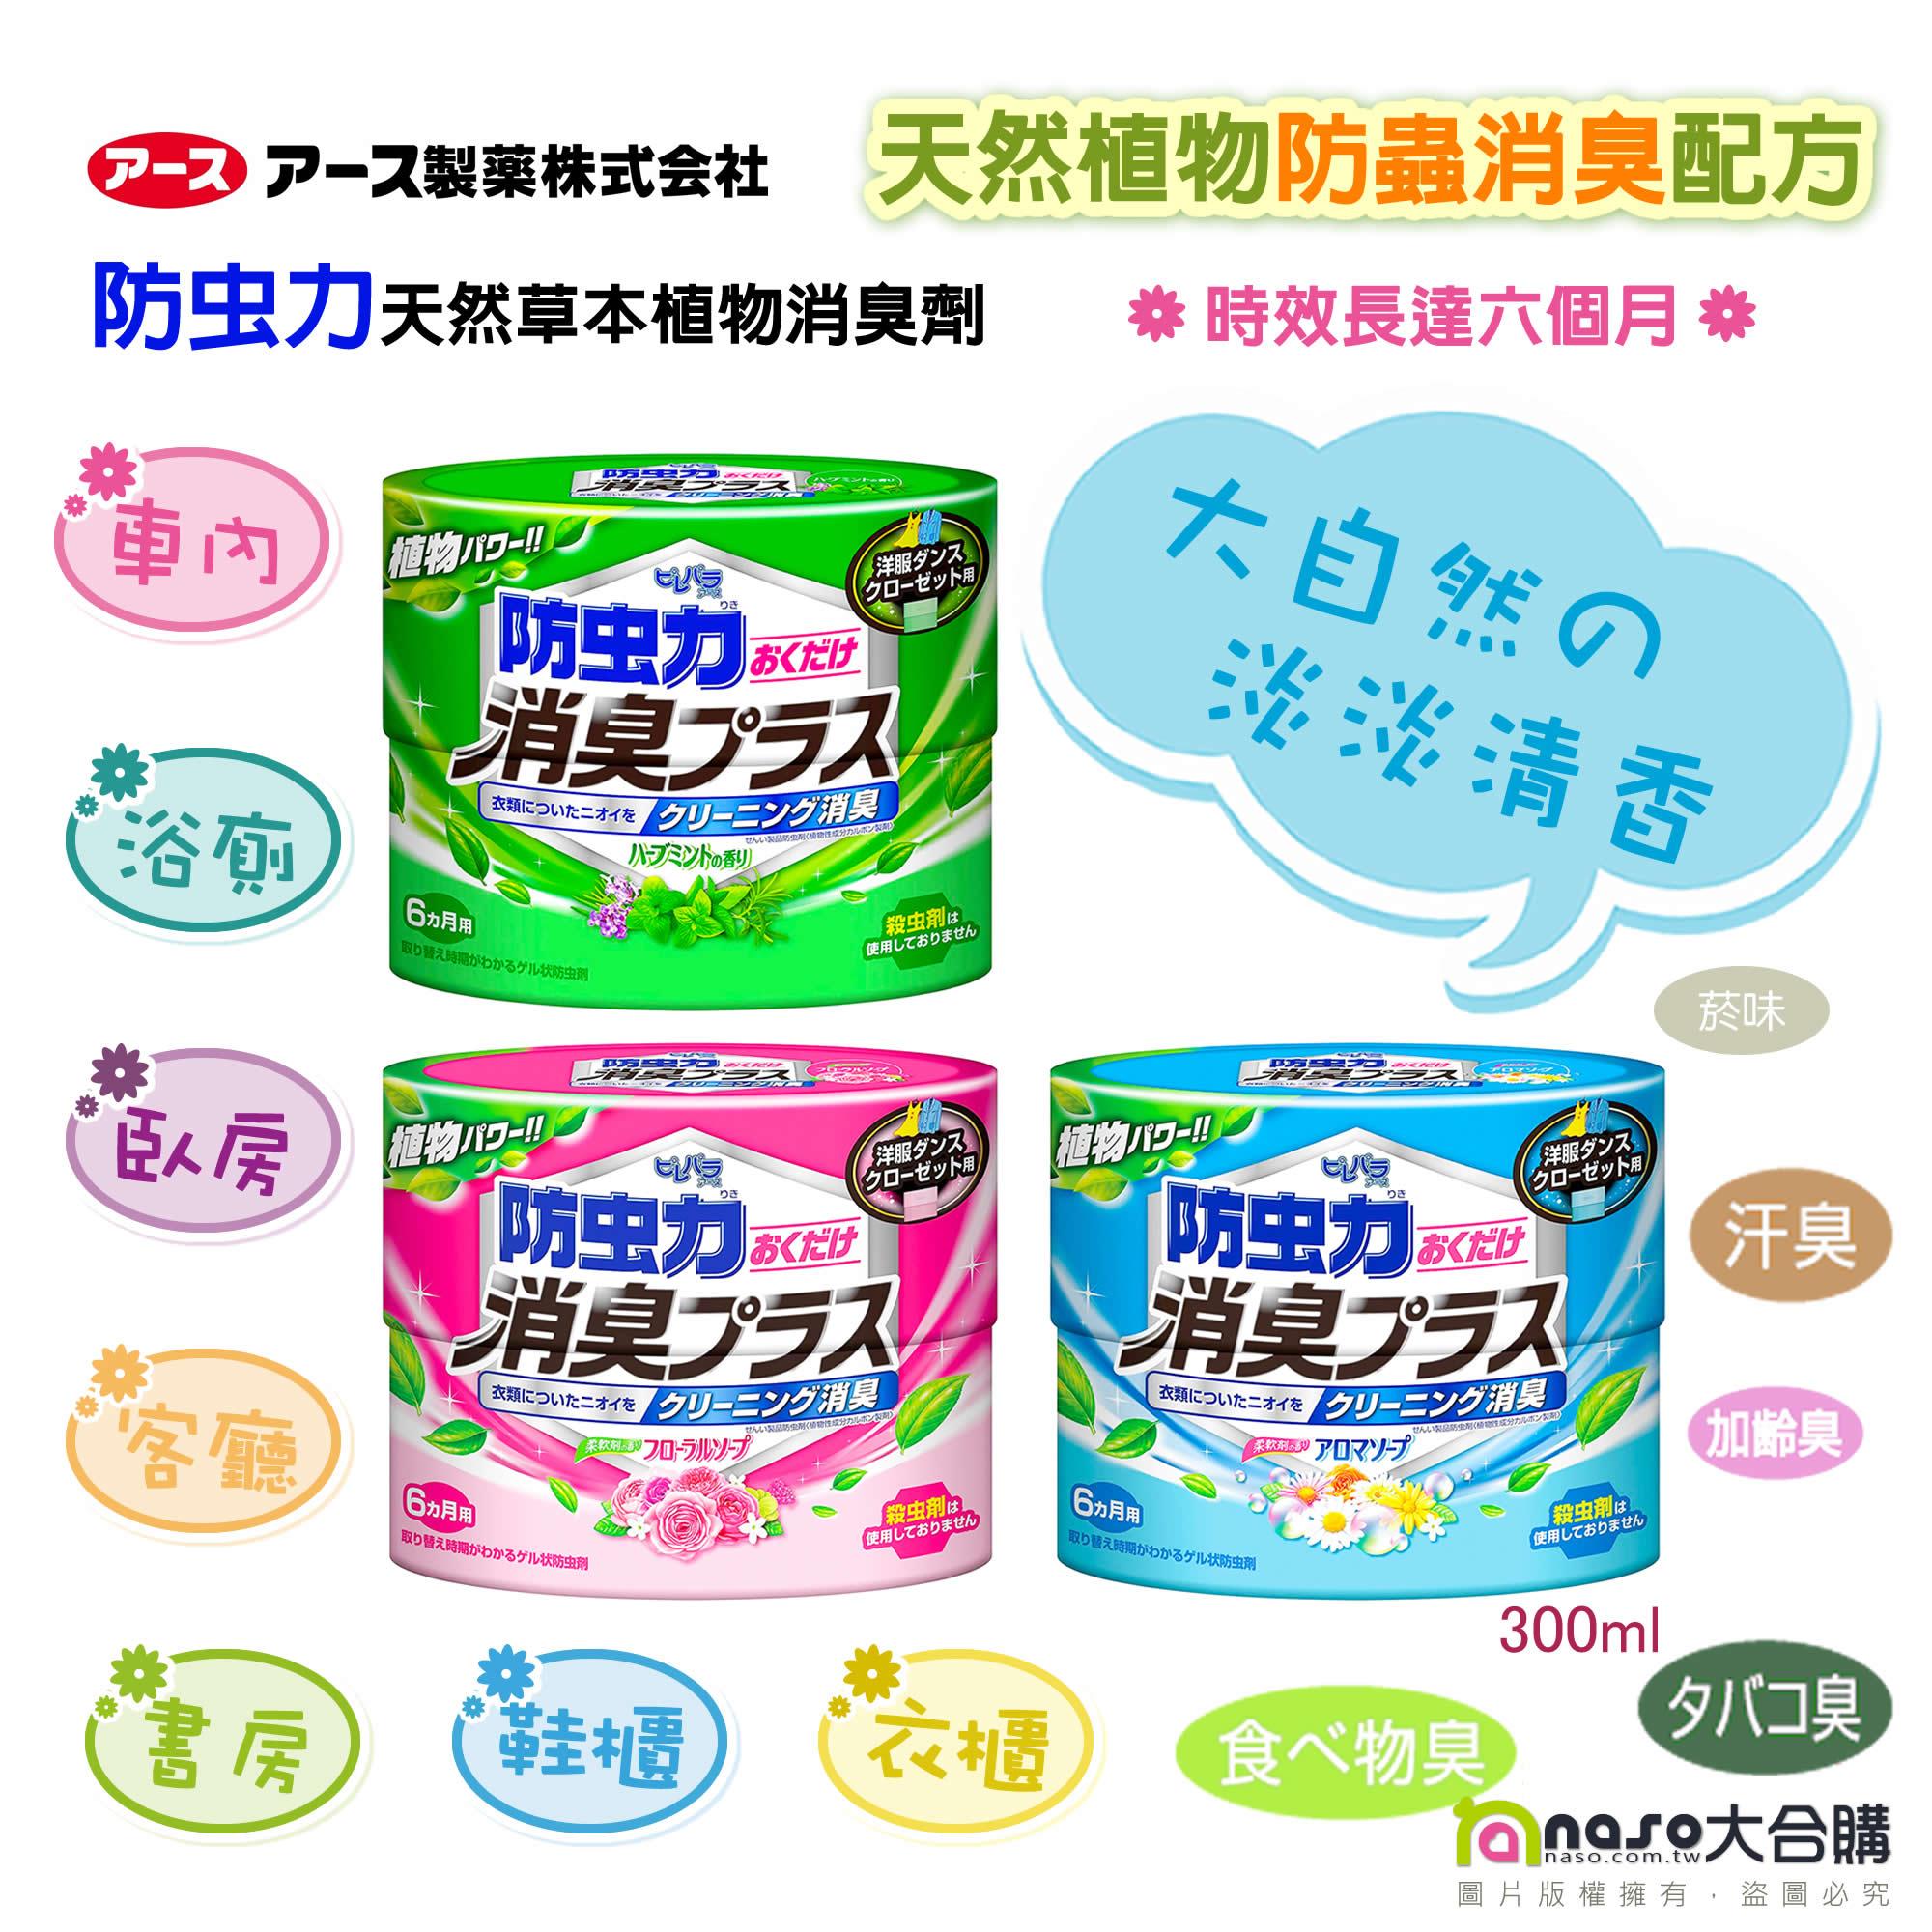 日本EARTH製藥 天然草本植物防蟲消臭劑 好評第10團